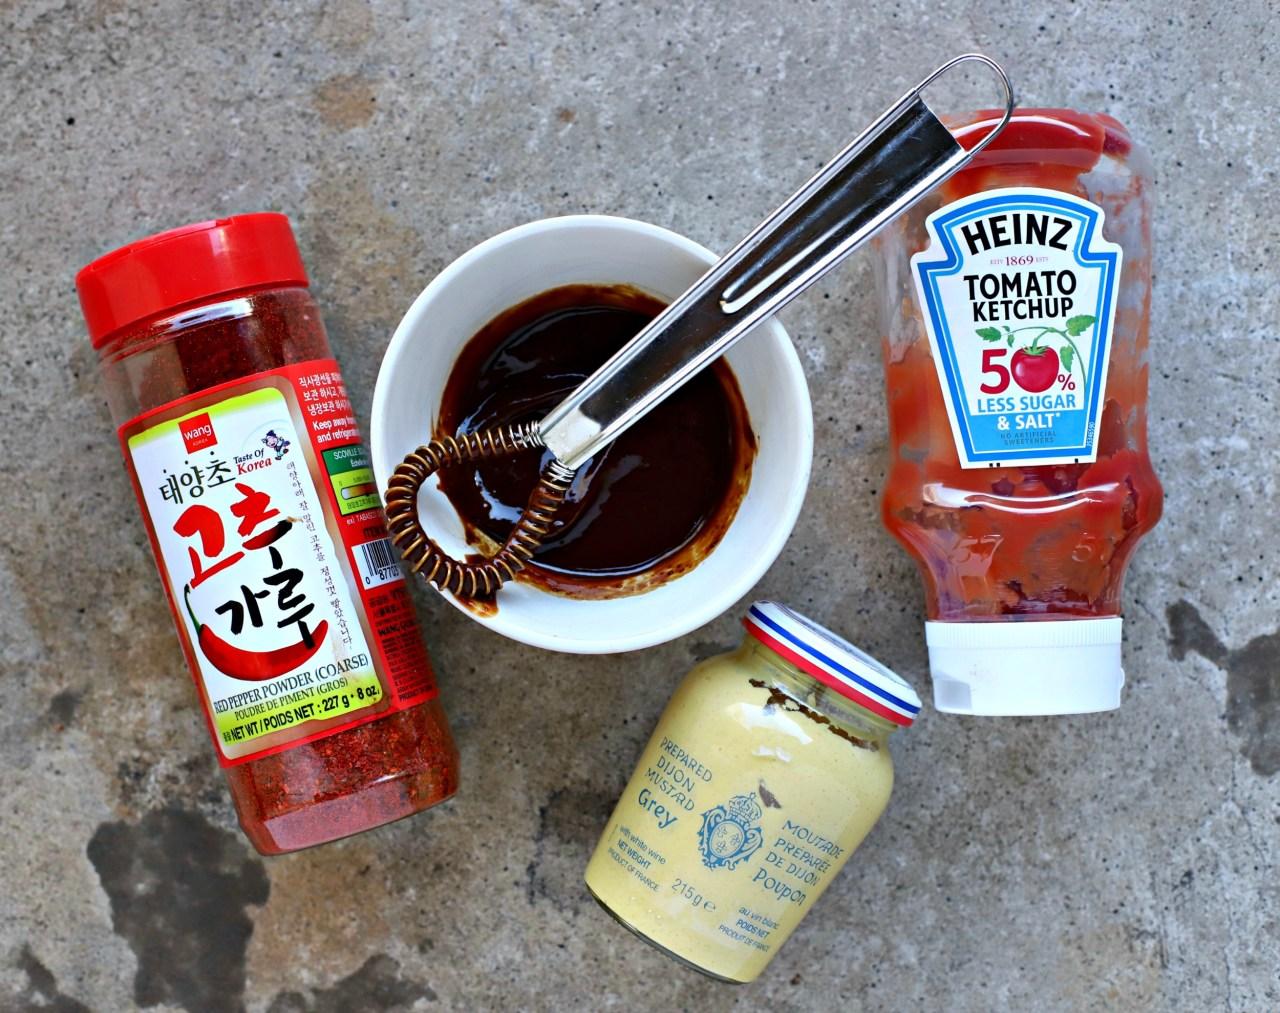 homemade tonkatus sauce is so easy to make!